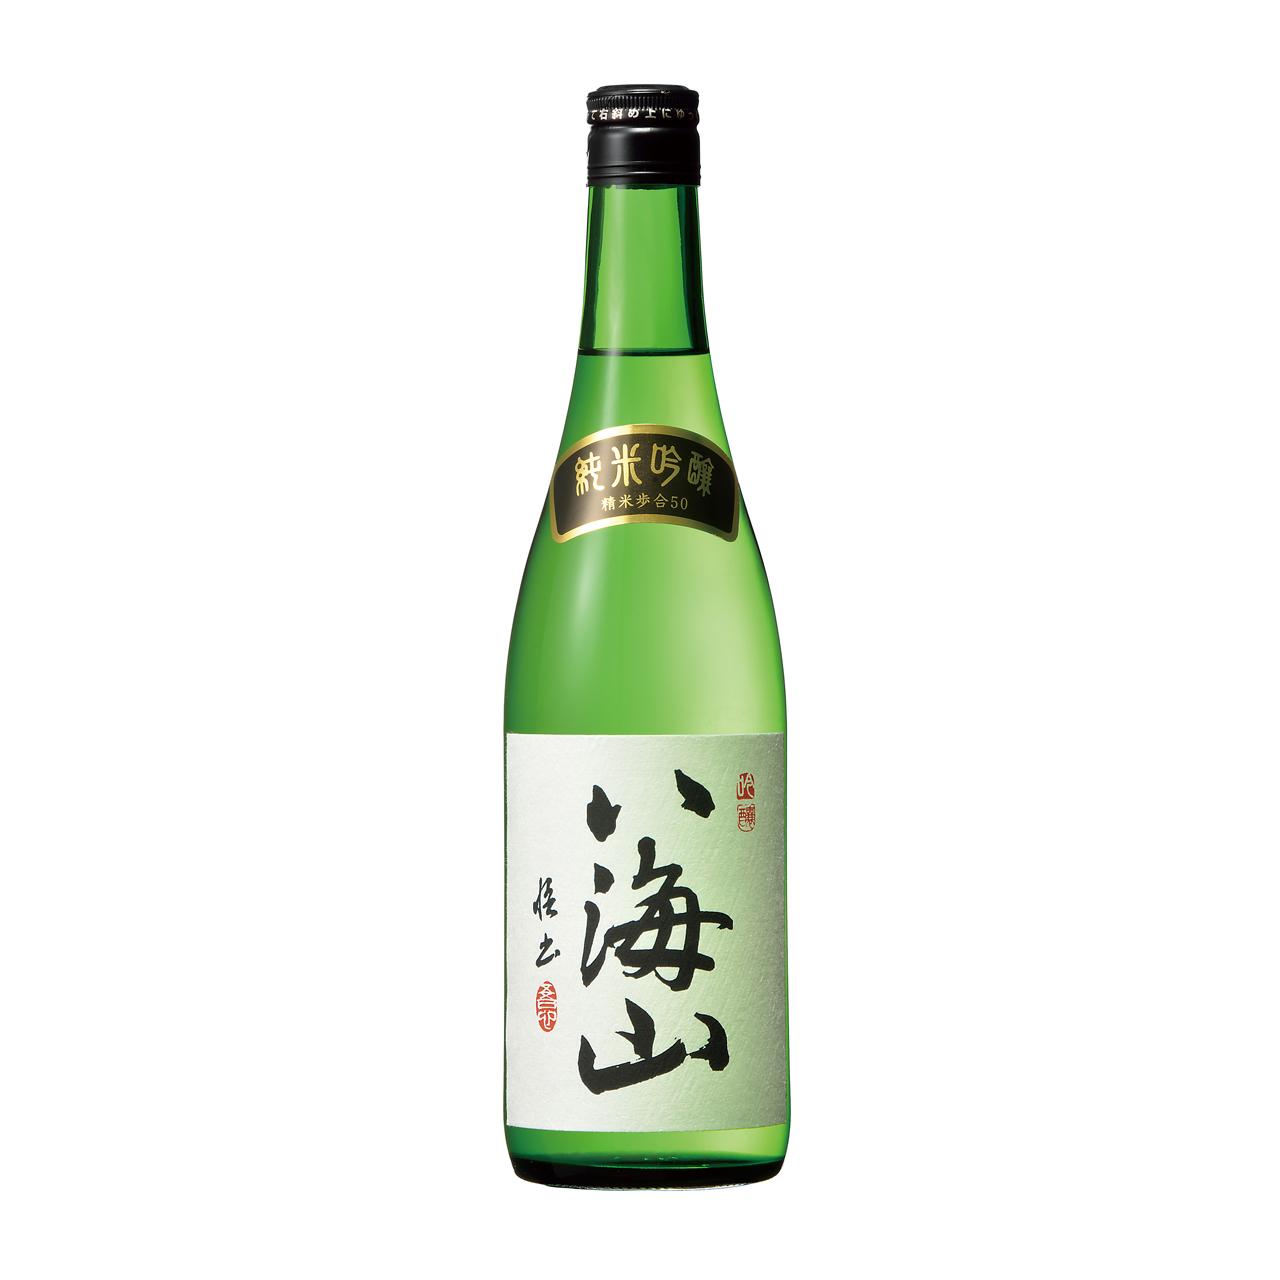 父の日 プレゼント ギフト 八海山 純米吟醸 720ml 12本 新潟県 八海山 日本酒 ケース販売 送料無料 ラッキーシール対応